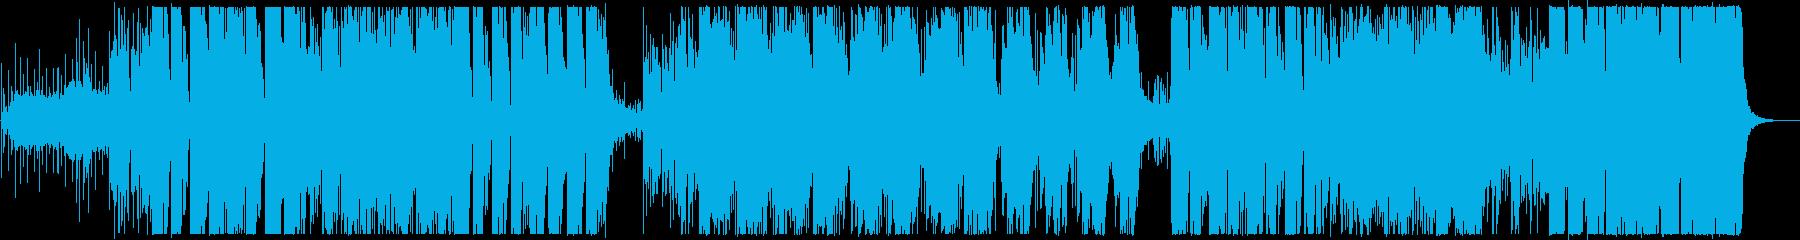 エッジの効いたアクションスリラーは...の再生済みの波形